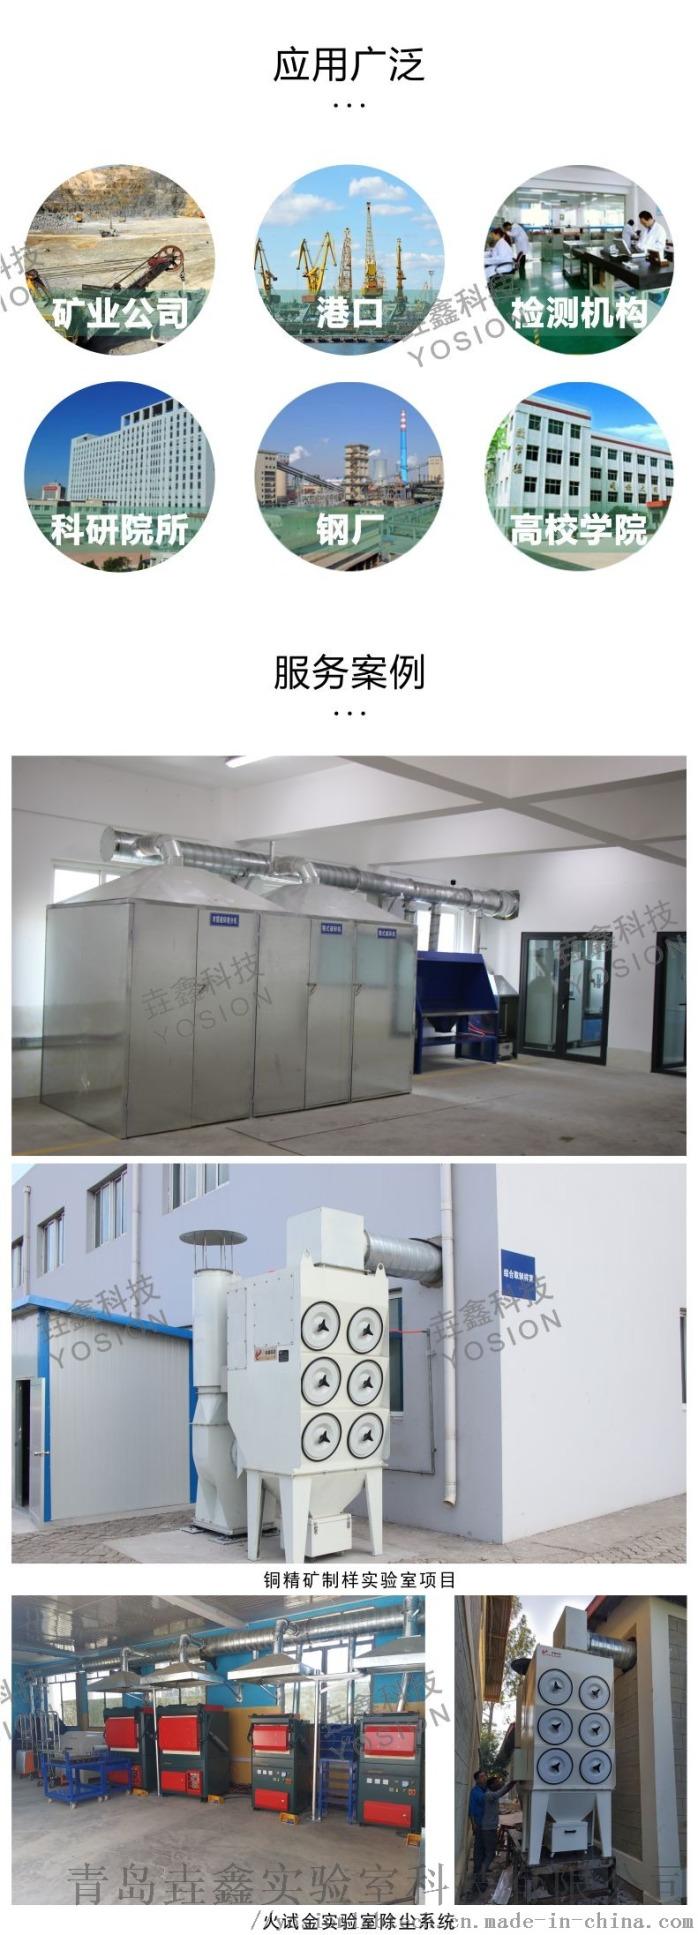 除尘系统5-青岛垚鑫科技www.yosionlab.com.jpg